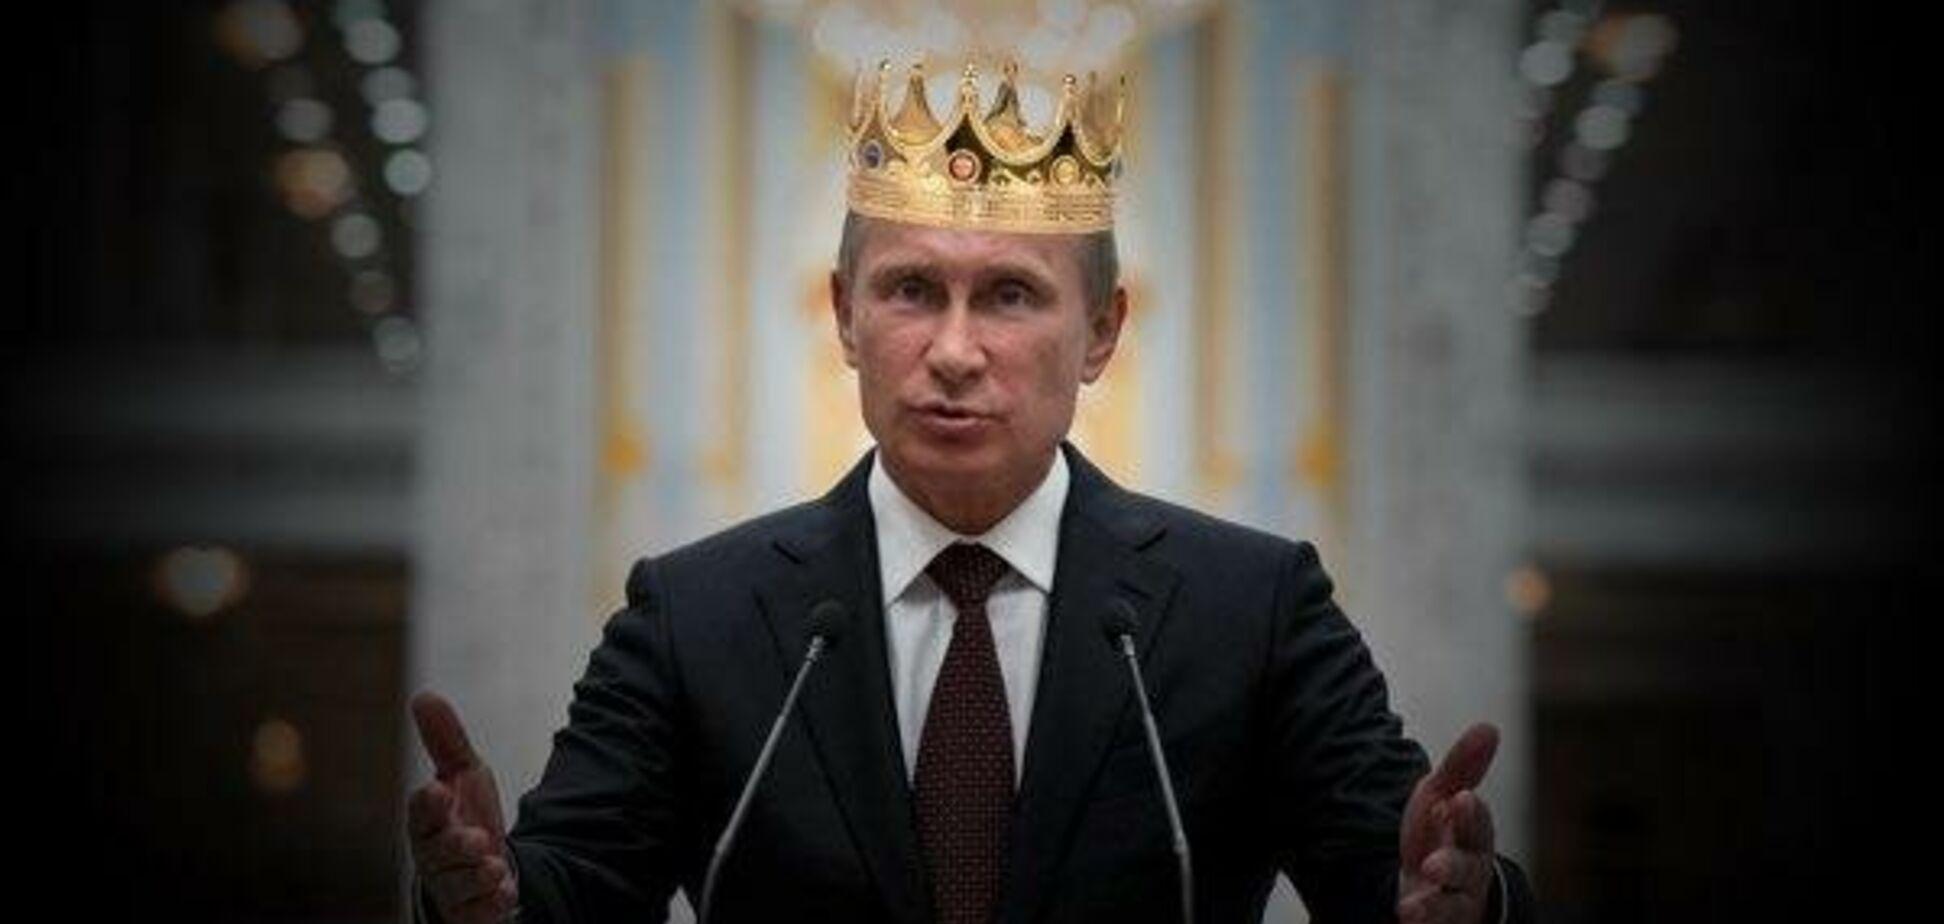 Консервация вместо трансферта: процесс развала РФ официально запущен